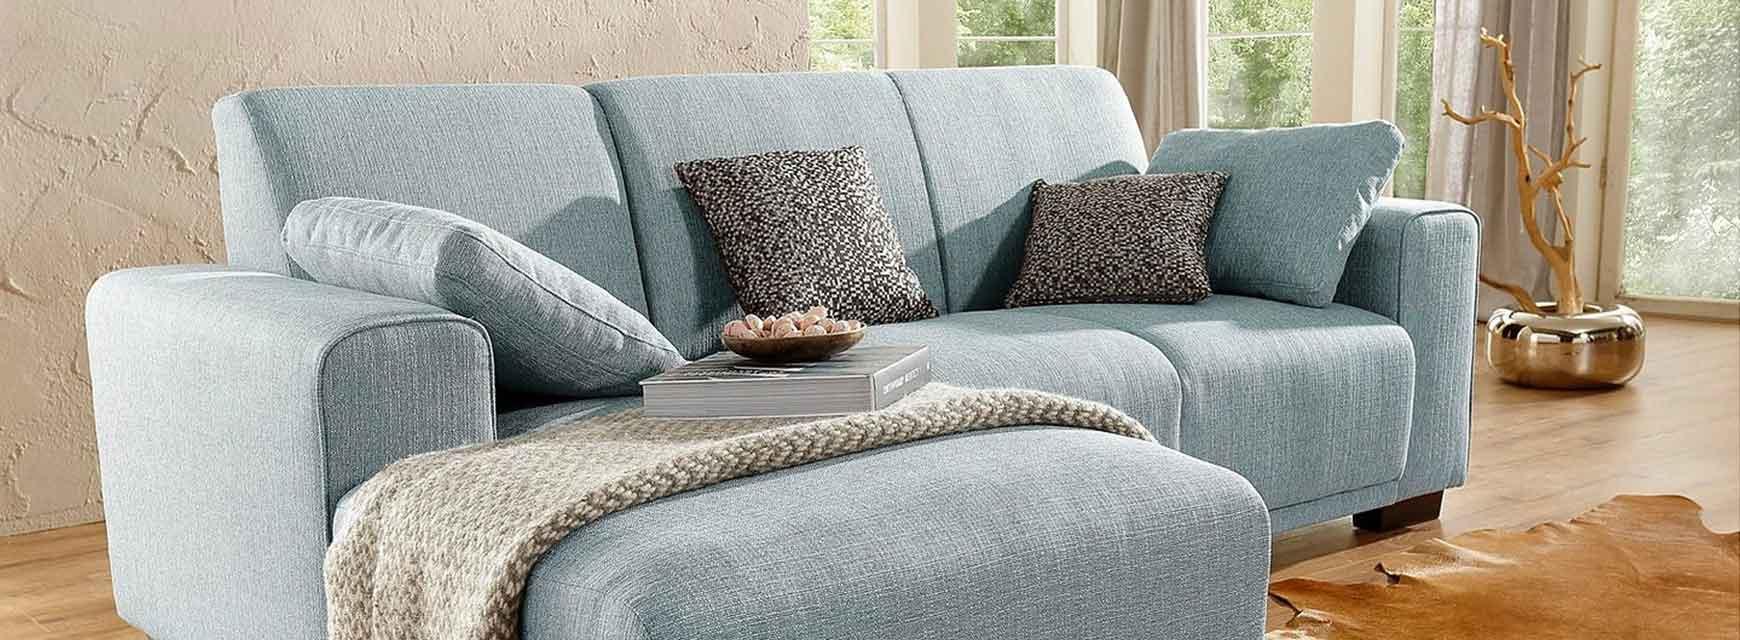 Full Size of Big Sofa Weiß Landhausstil Landhaus Couch Online Kaufen Naturloftde überzug 3 Teilig Machalke Esstisch Oval Rolf Benz Verkaufen Polyrattan Bad Kommode Sofa Big Sofa Weiß